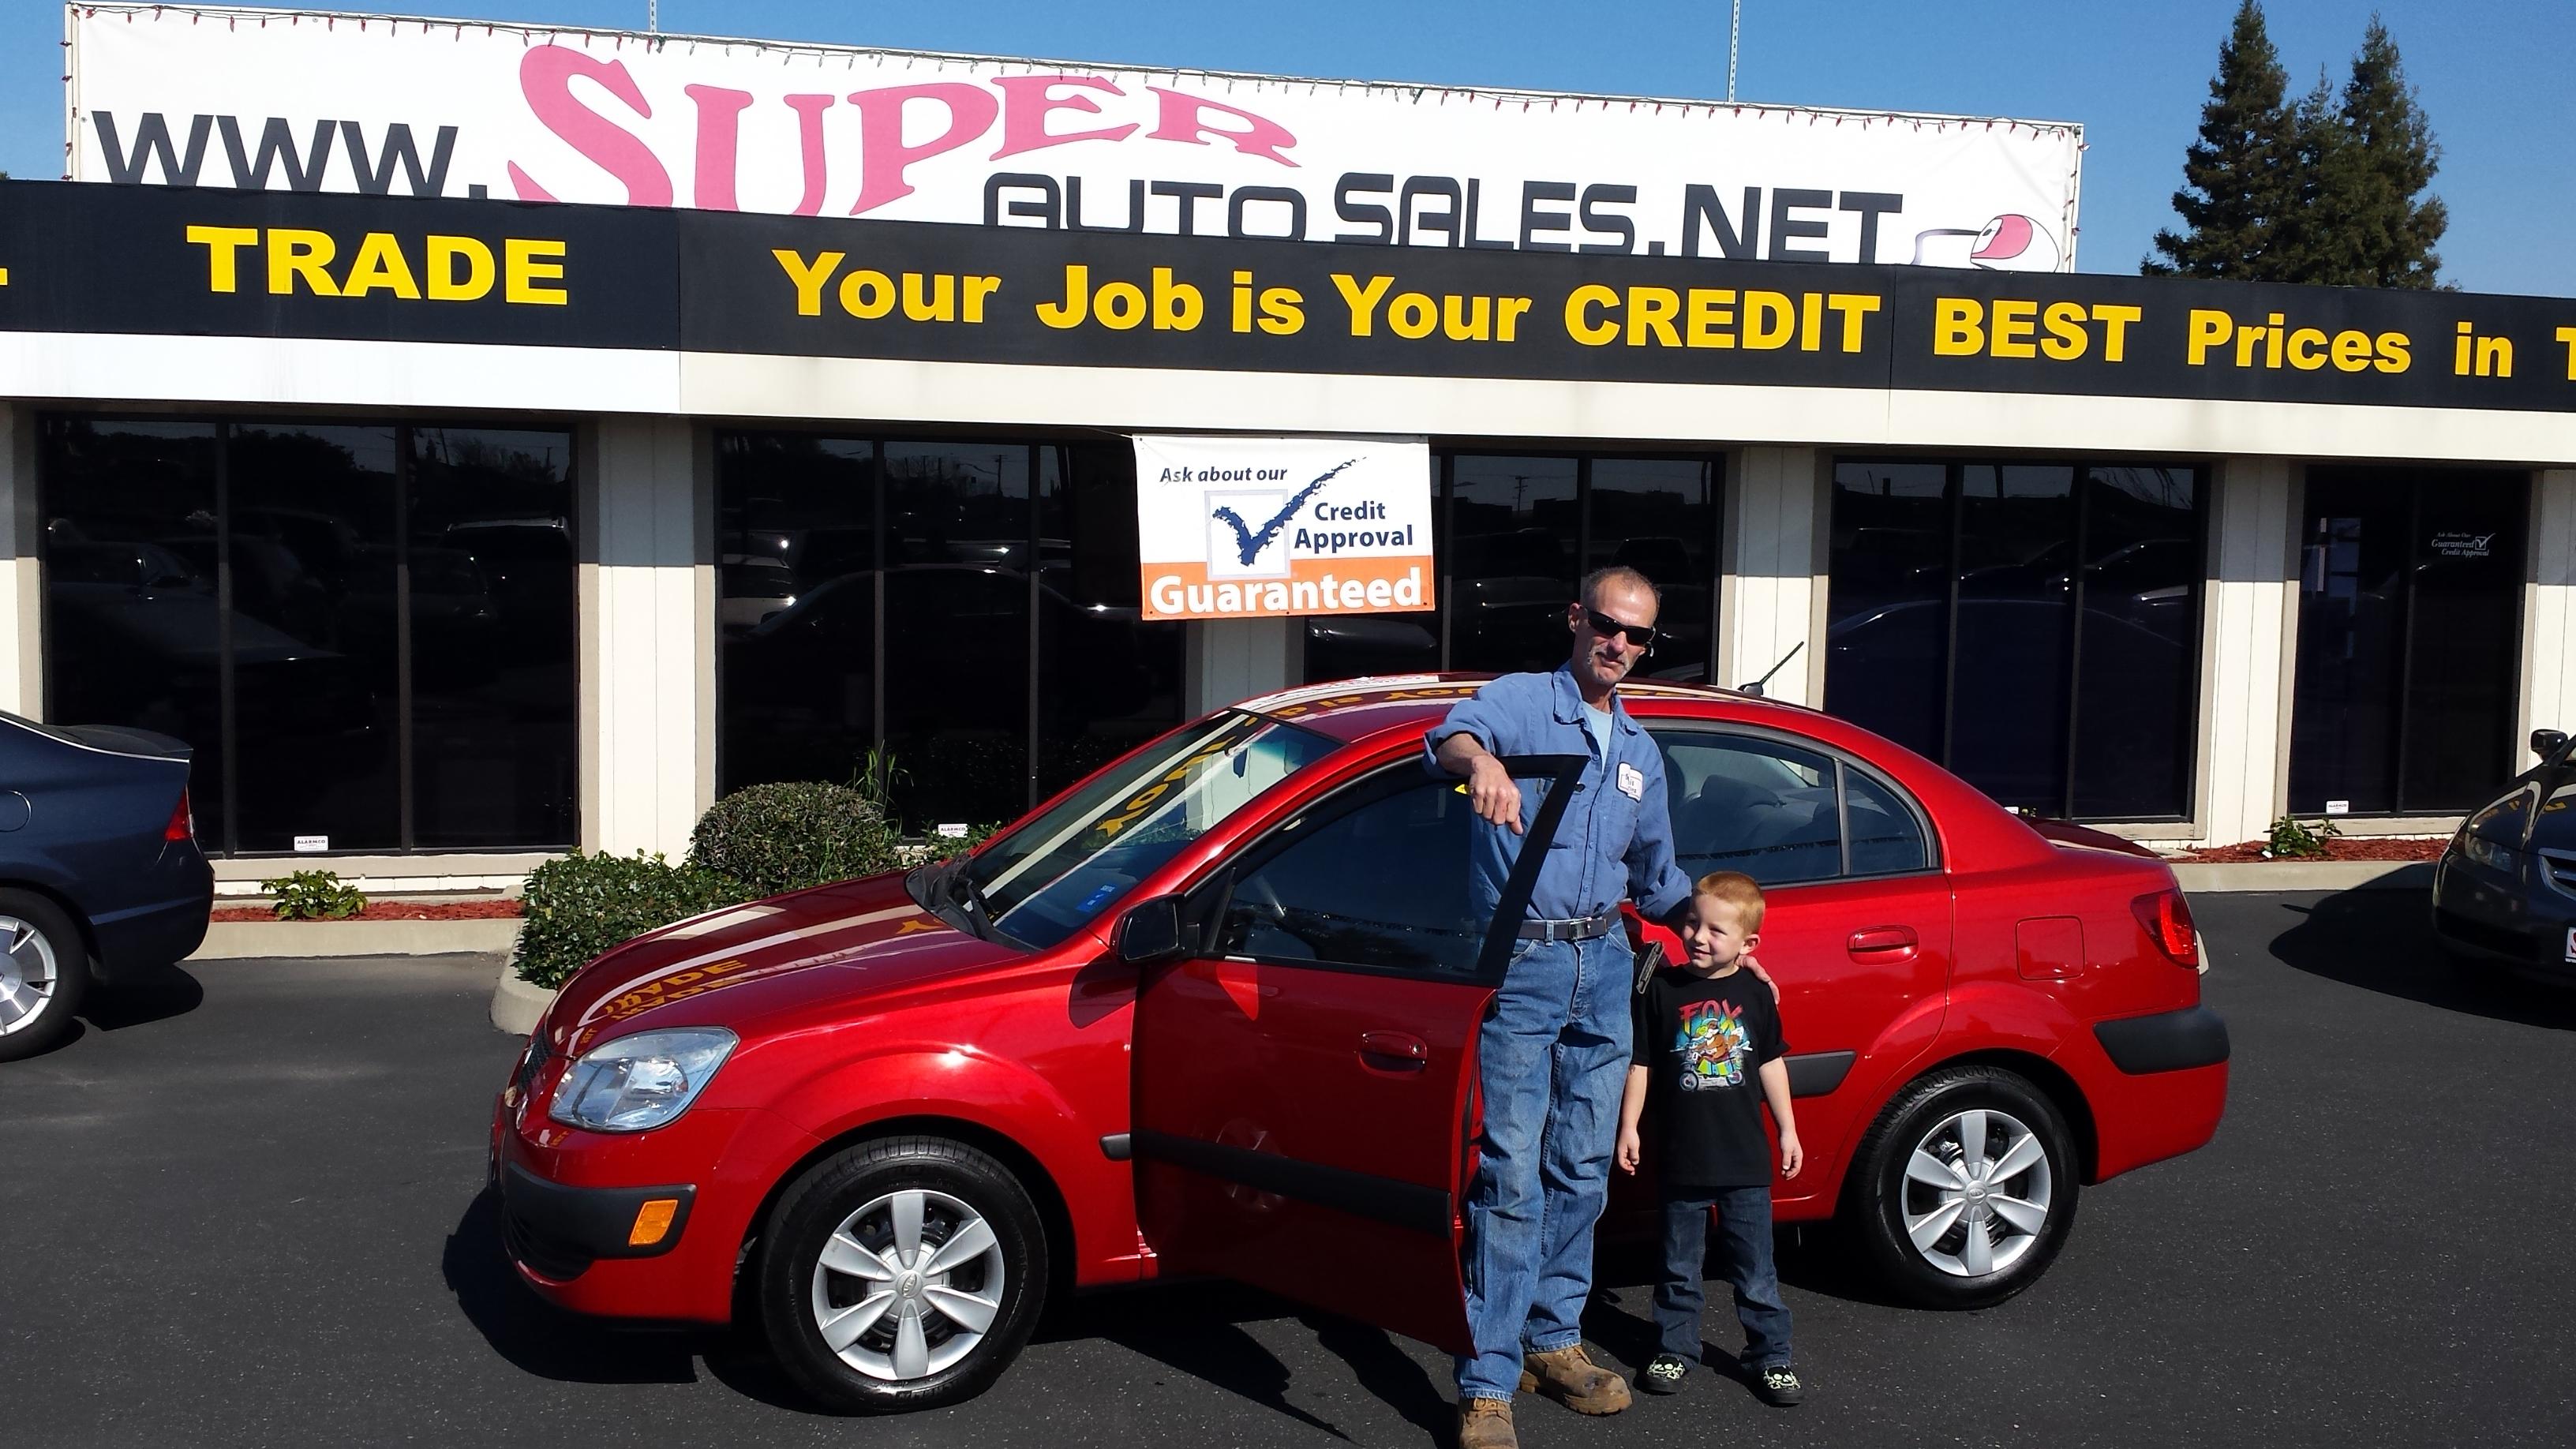 Super Auto Sales >> Super Auto Sales 4312 Sisk Rd Modesto Ca 95356 Yp Com